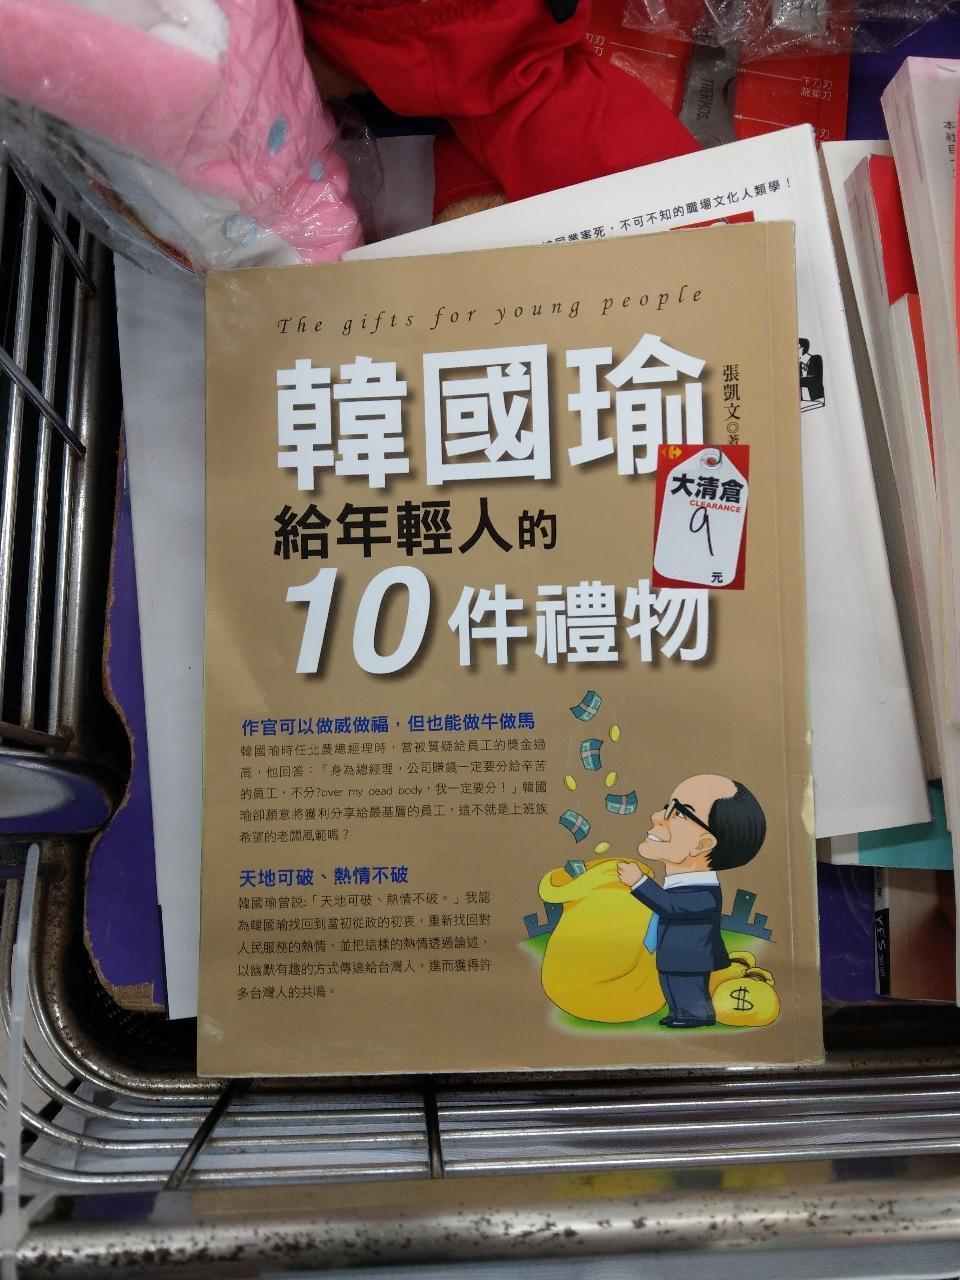 還有其他網友po出別家賣場,也同樣以9元清倉《韓國瑜給年輕人的10件禮物》一書。(翻攝自PTT)